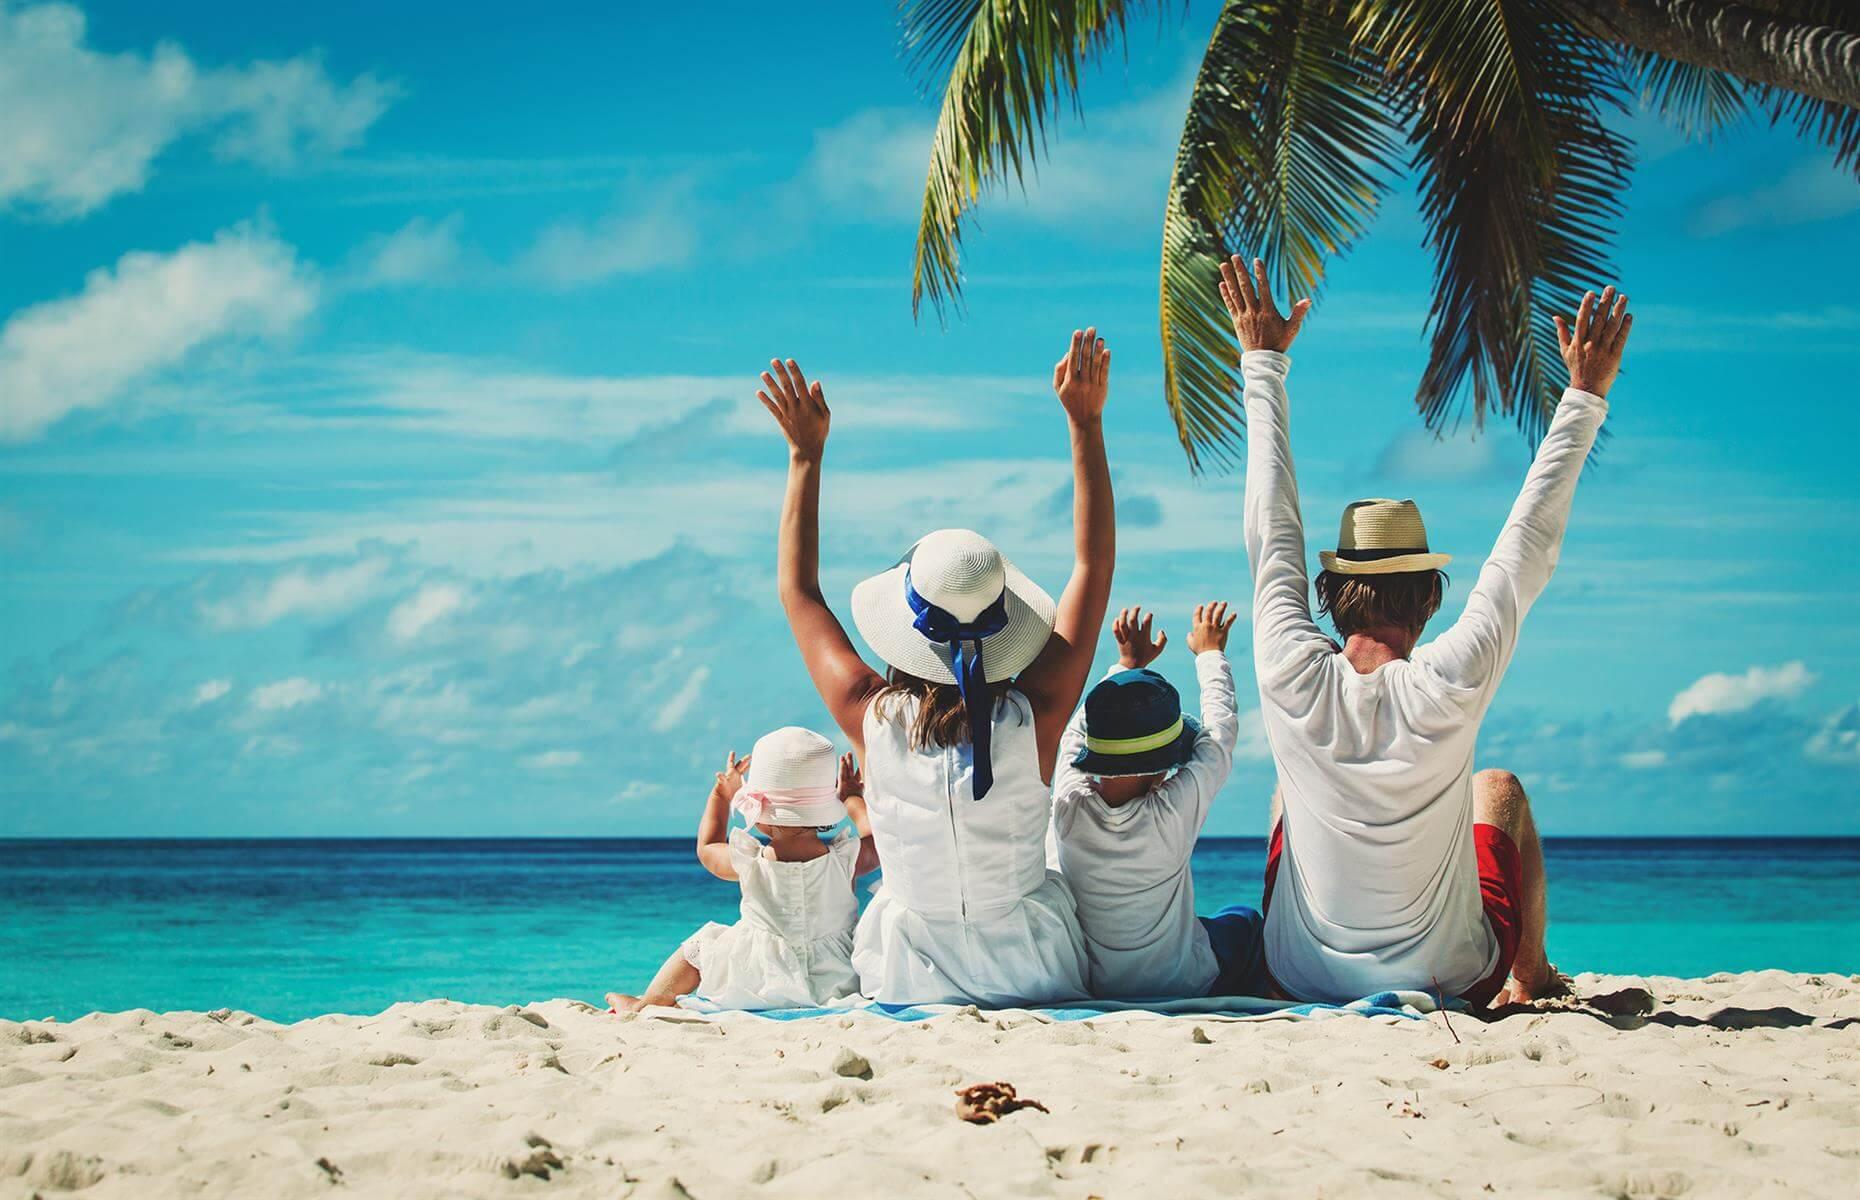 Người Việt có sẵn sàng đi du lịch trở lại?